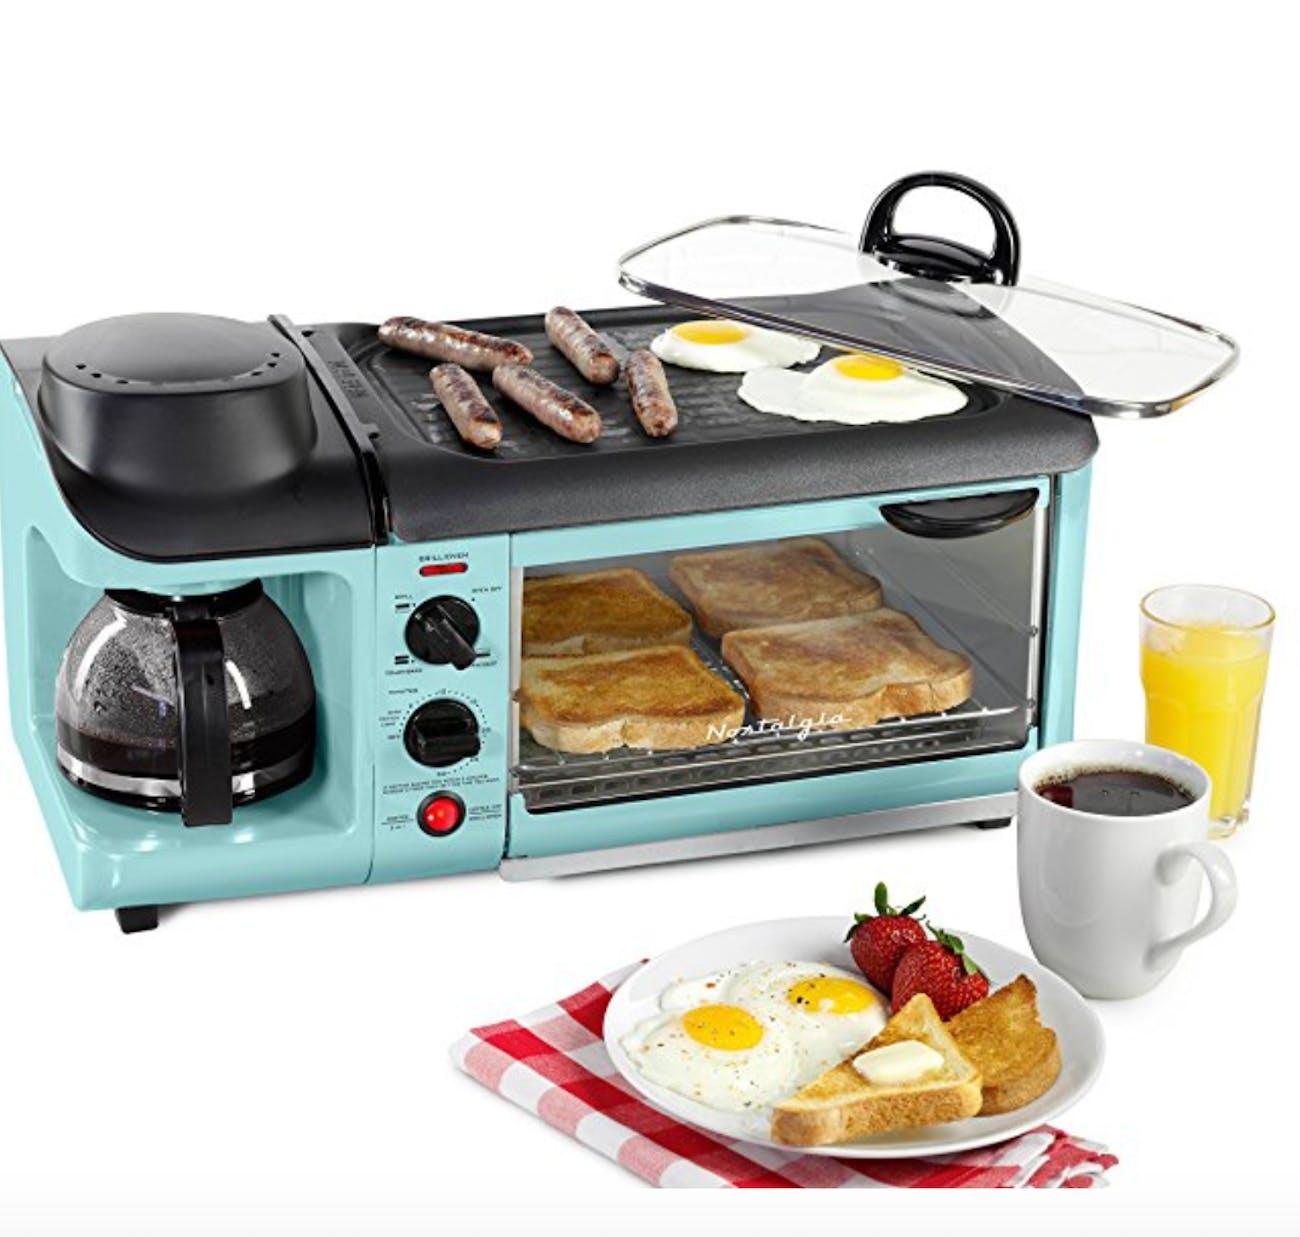 food, breakfast, gift, Valentine's Day, coffee, kitchen